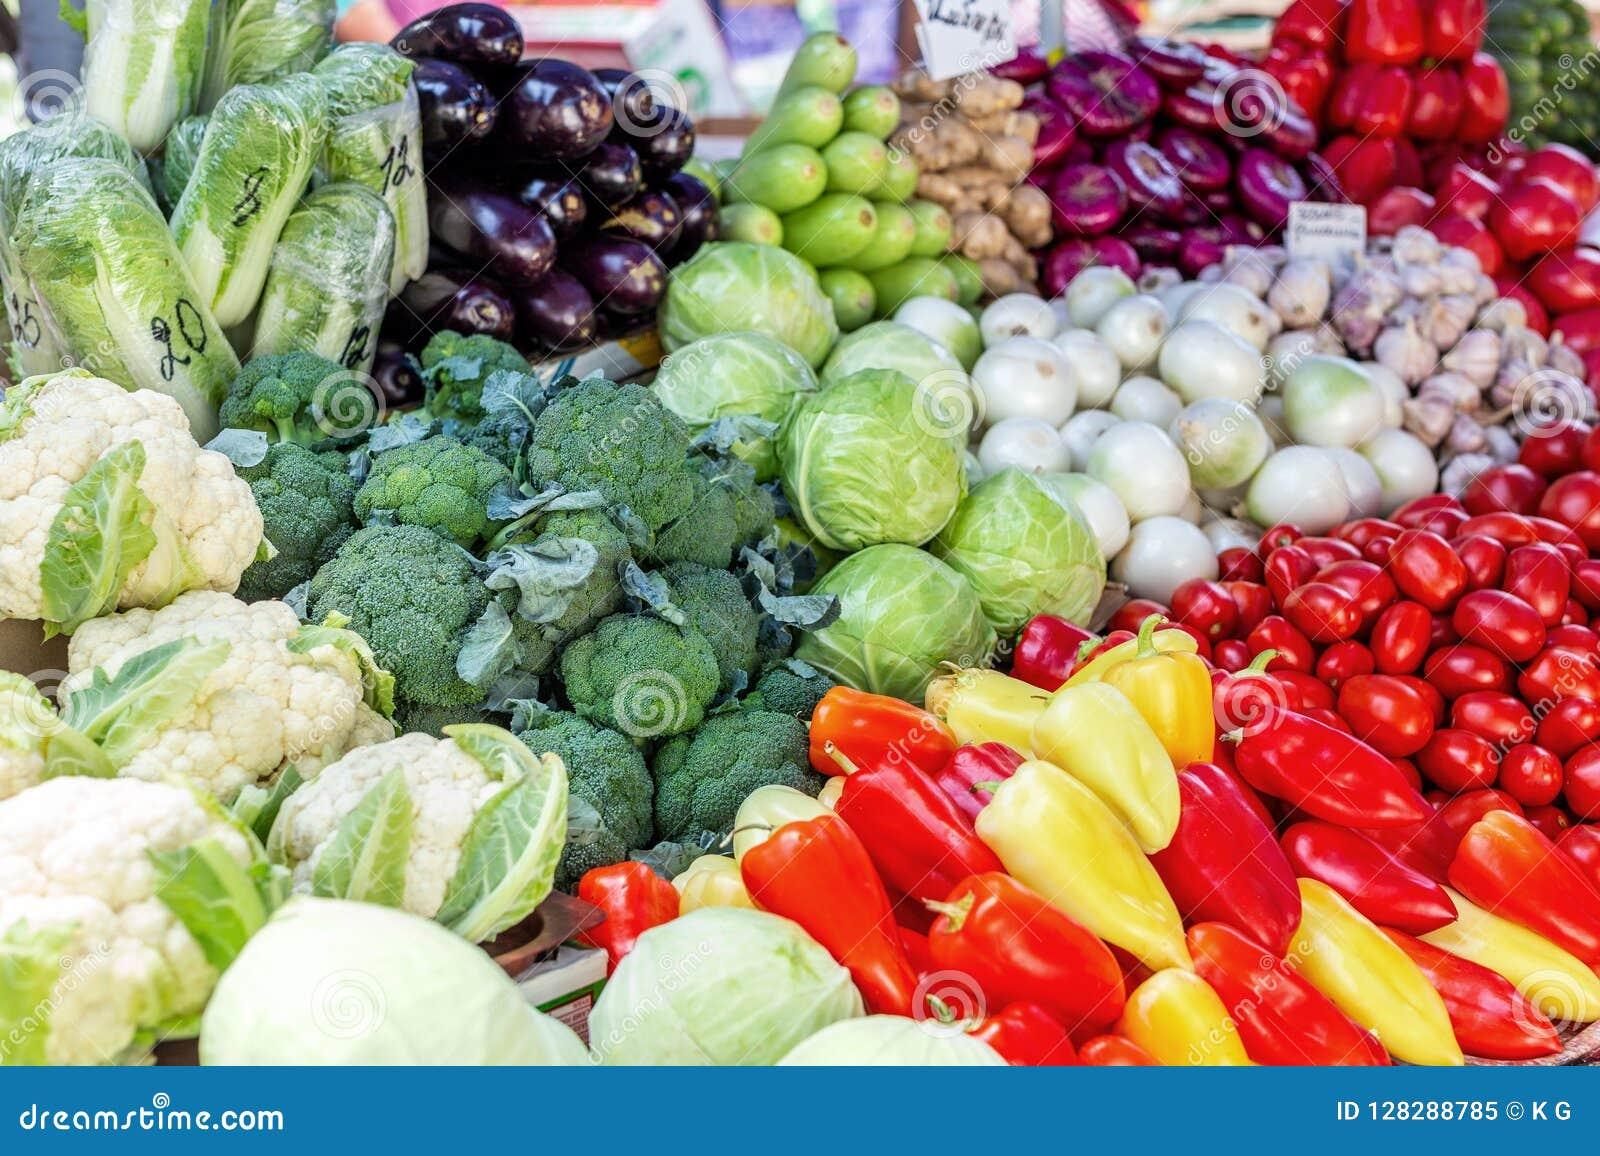 Contador vegetal do mercado do fazendeiro Montão colorido de vários vegetais saudáveis orgânicos frescos na mercearia Alimento na